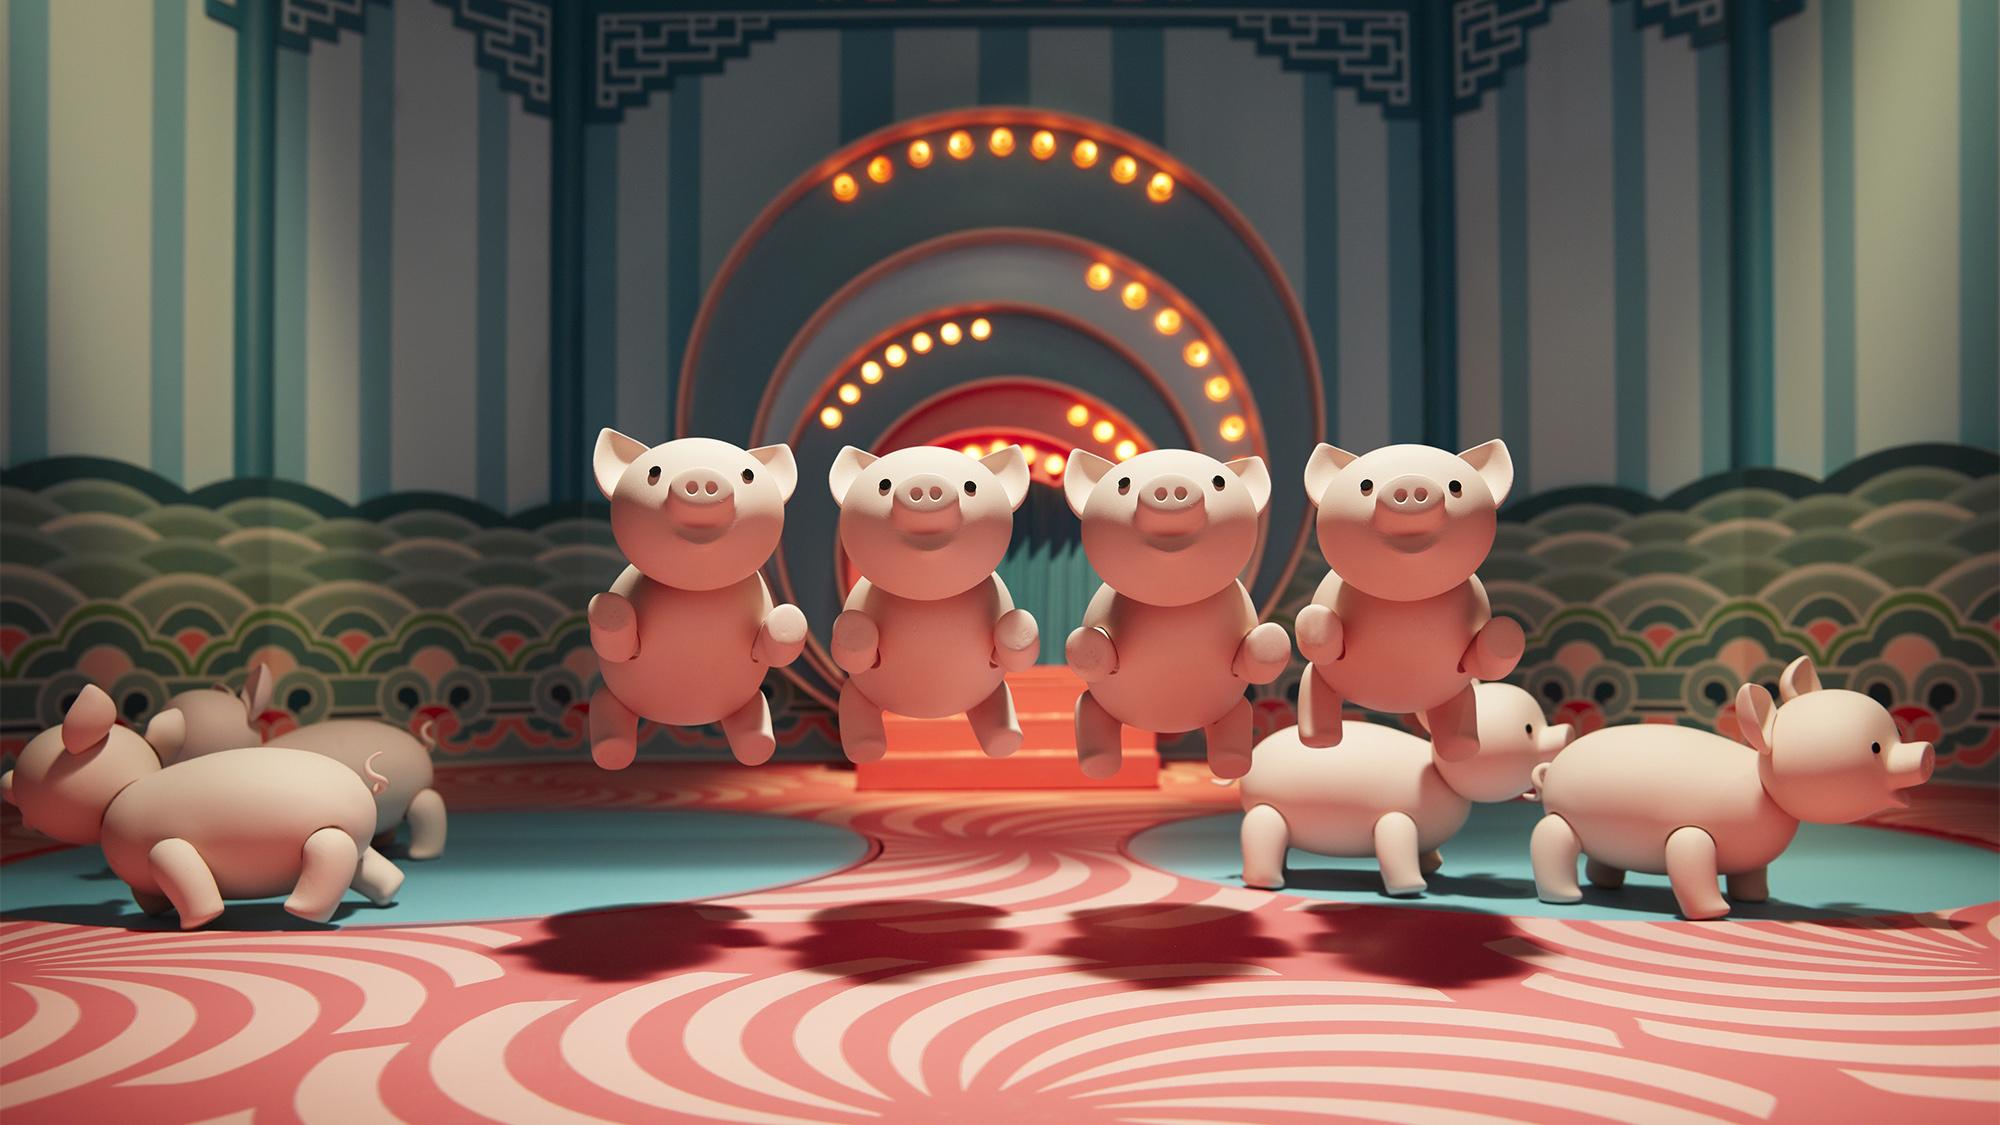 Pig_012_03_X1_0134